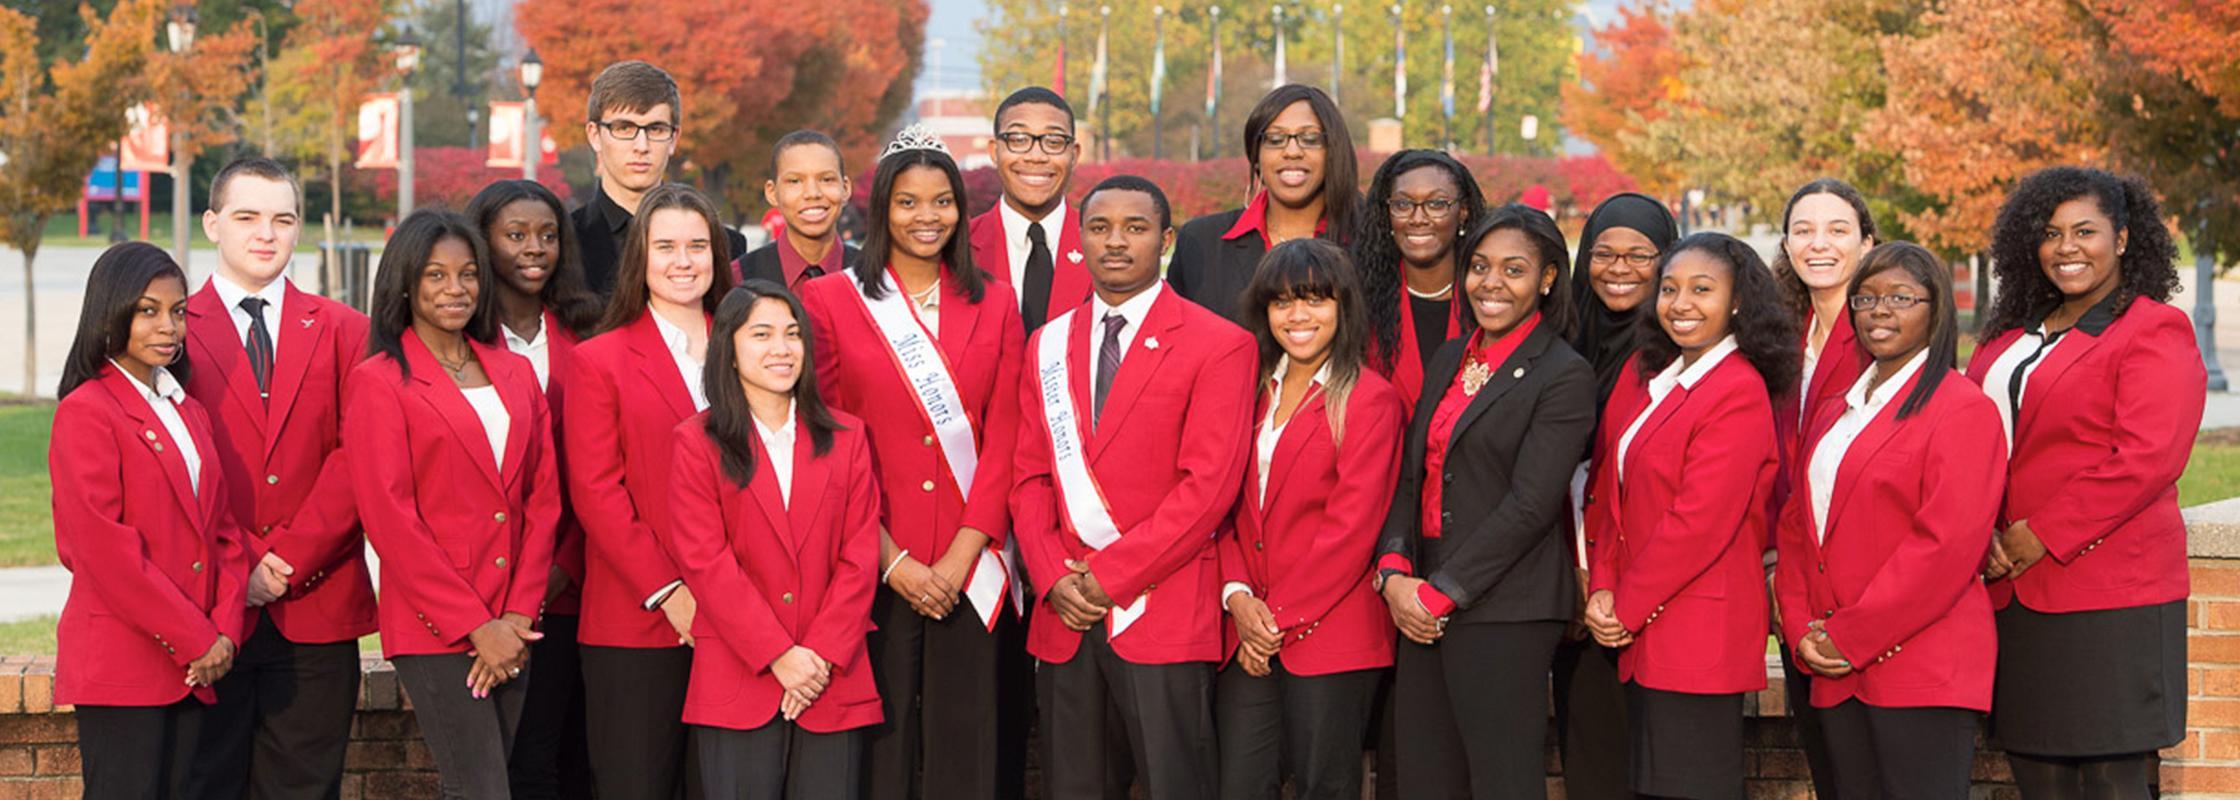 DSU Honors Students